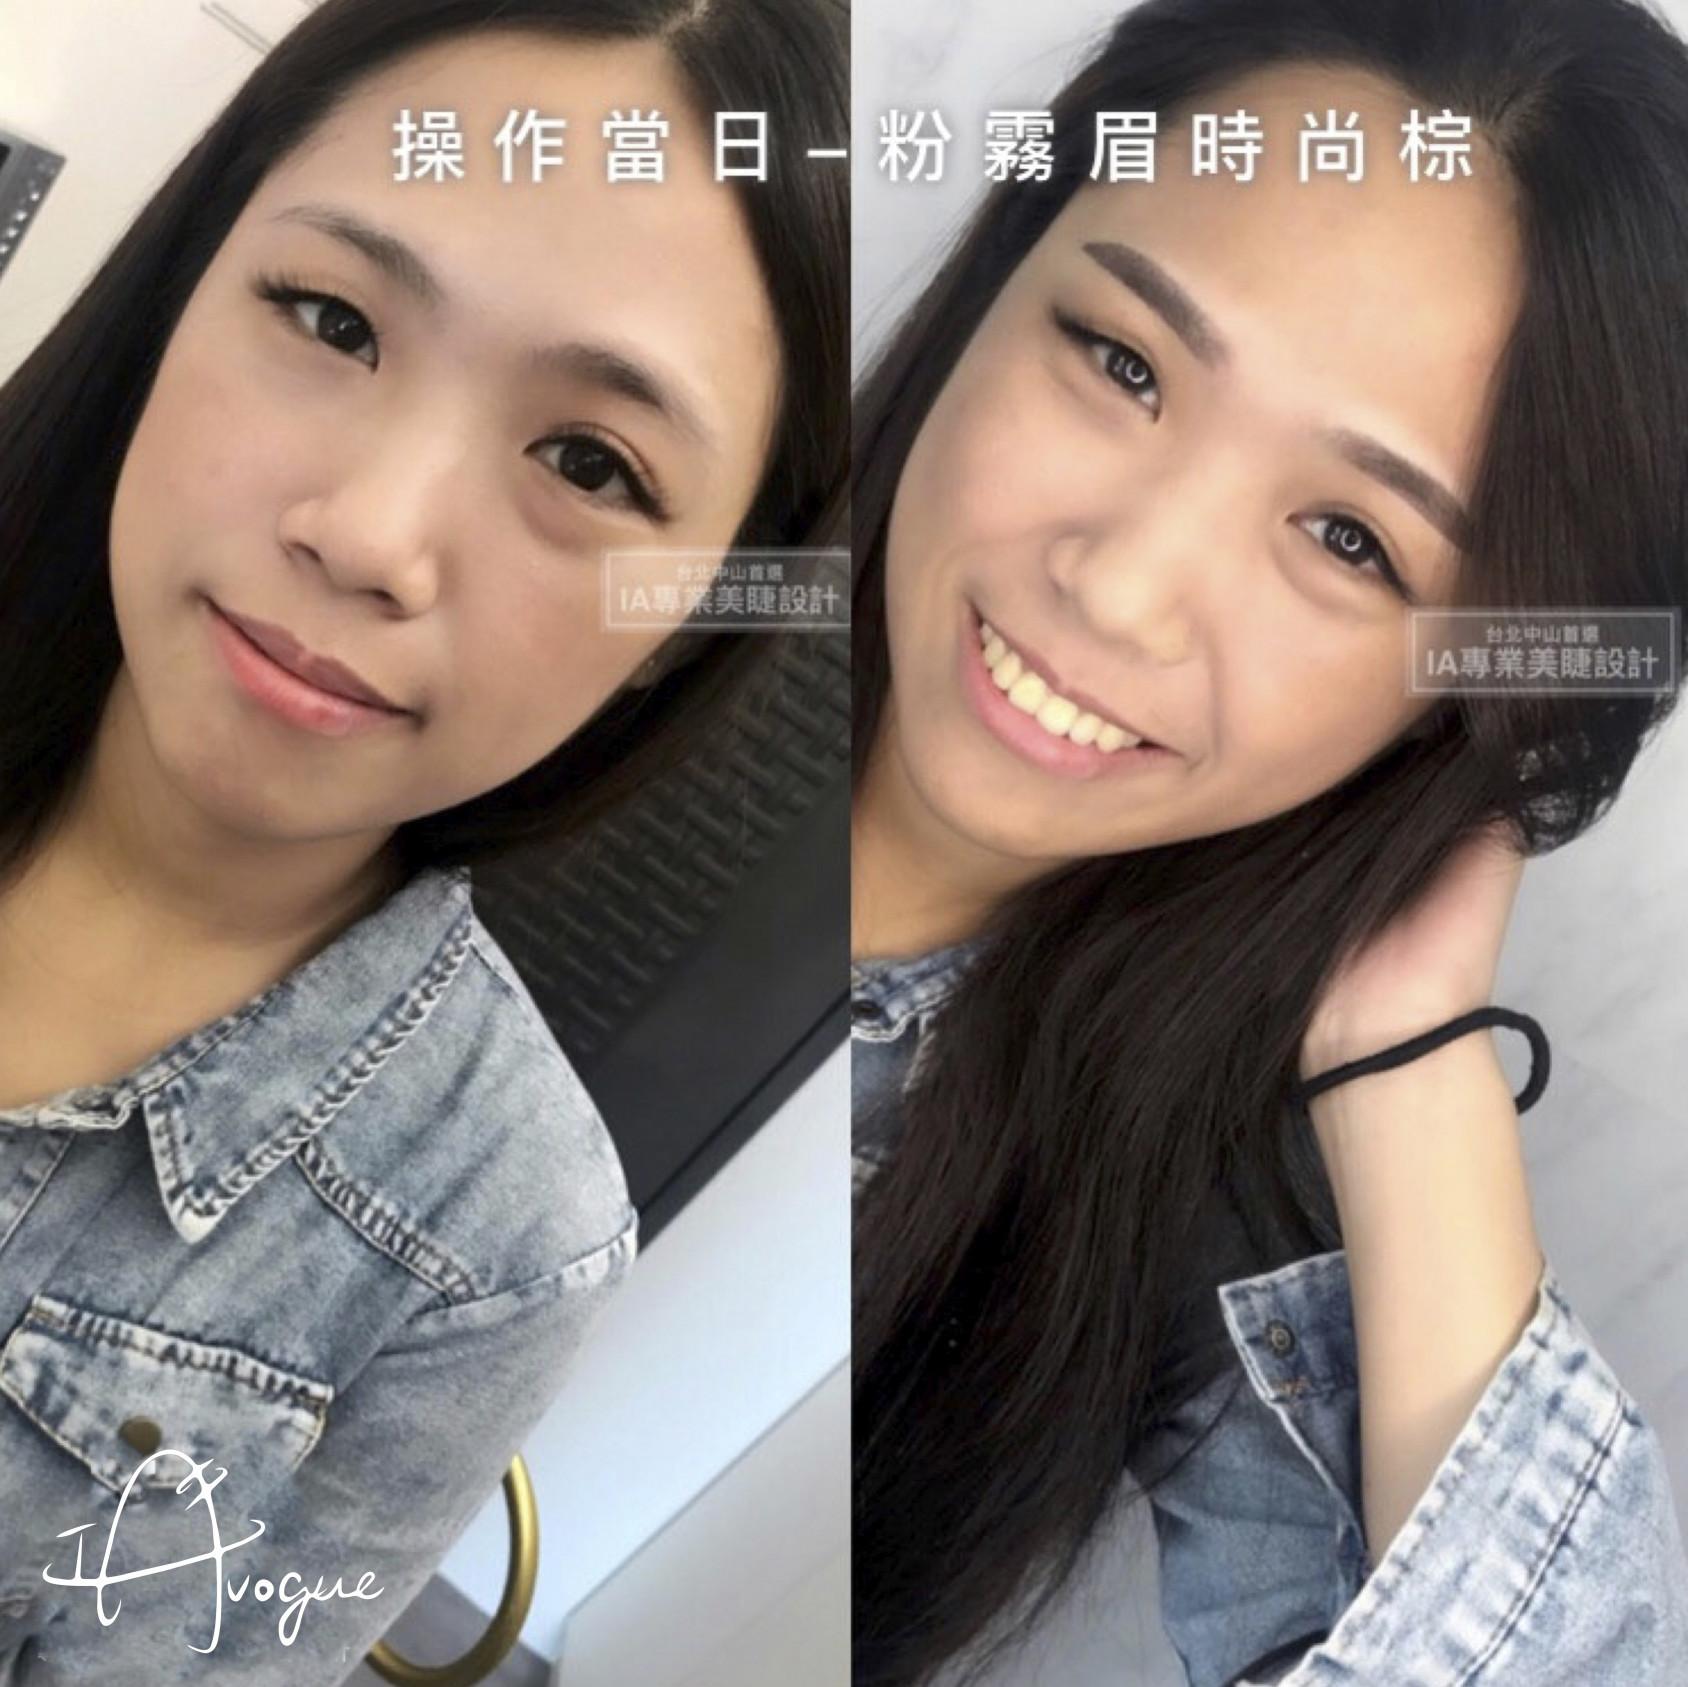 眉毛永遠畫不對稱?「粉霧眉」讓妳輕鬆擁有韓劇歐逆的自然美眉!